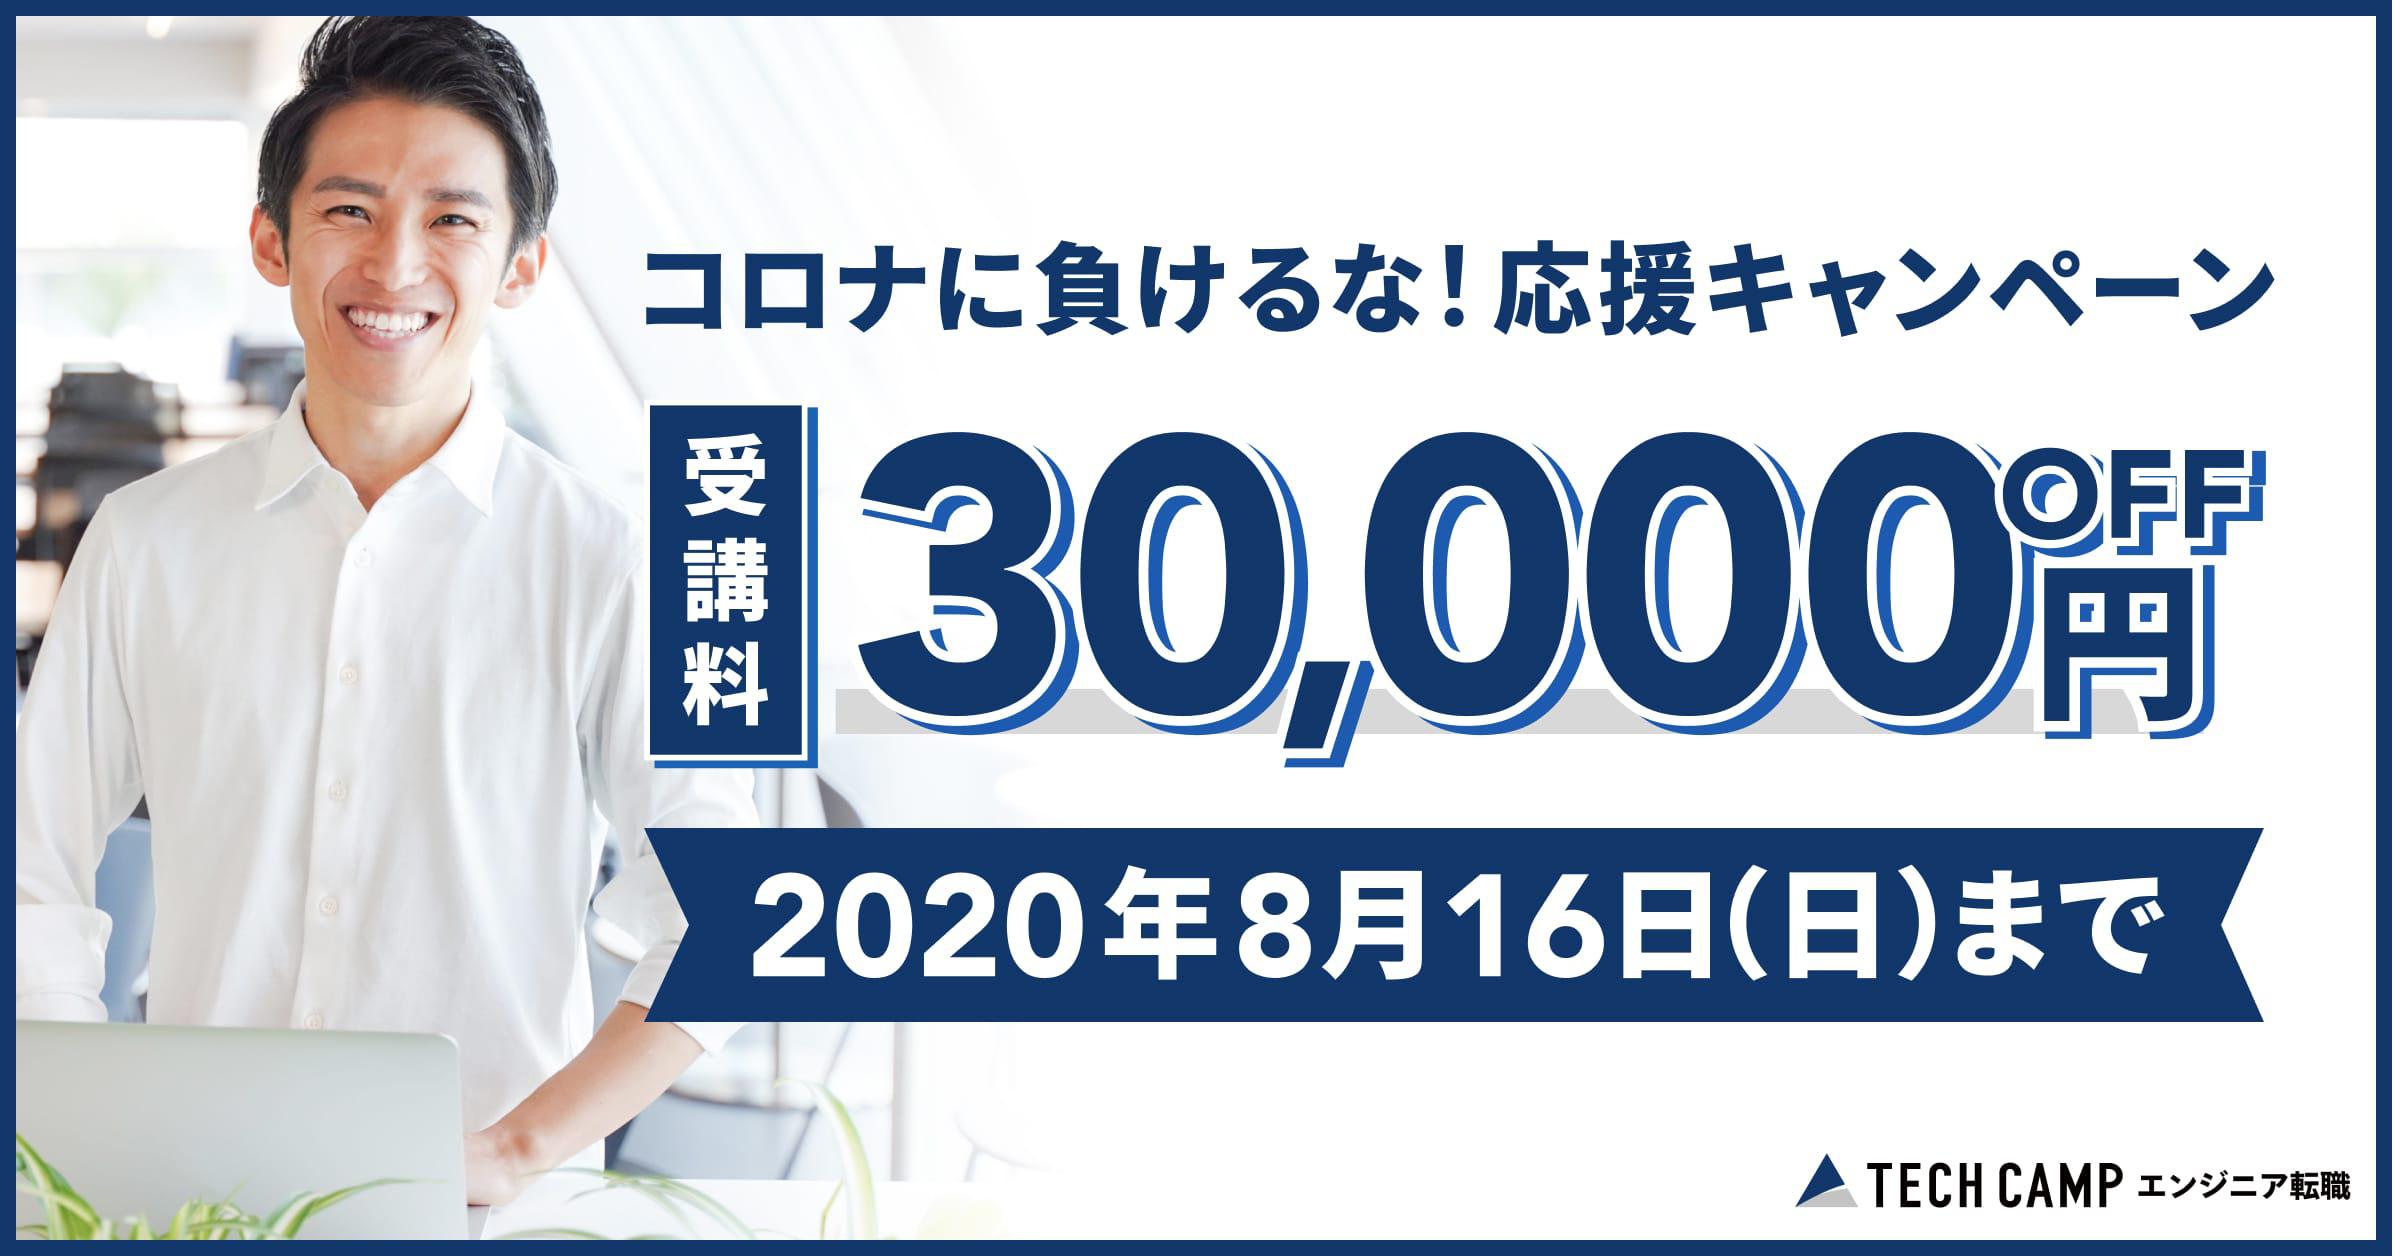 テックキャンプの3万円割引になる期間限定キャンペーン